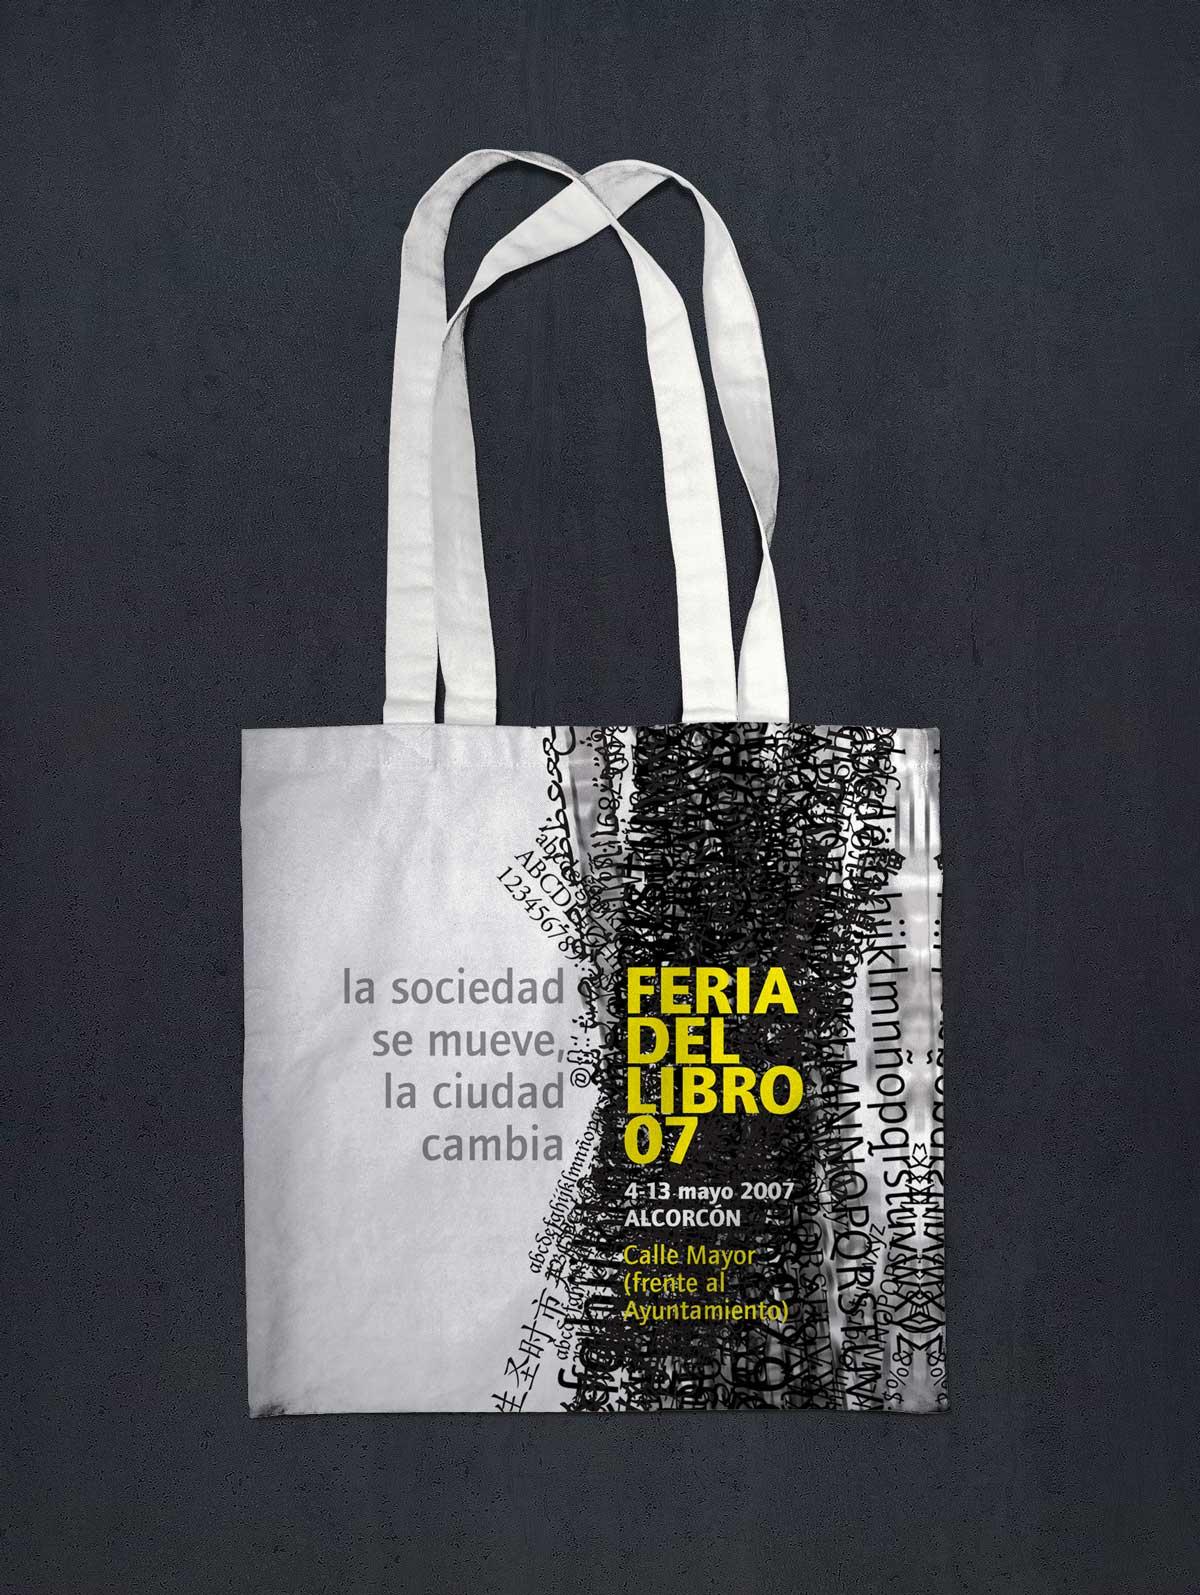 feria_libro08_02